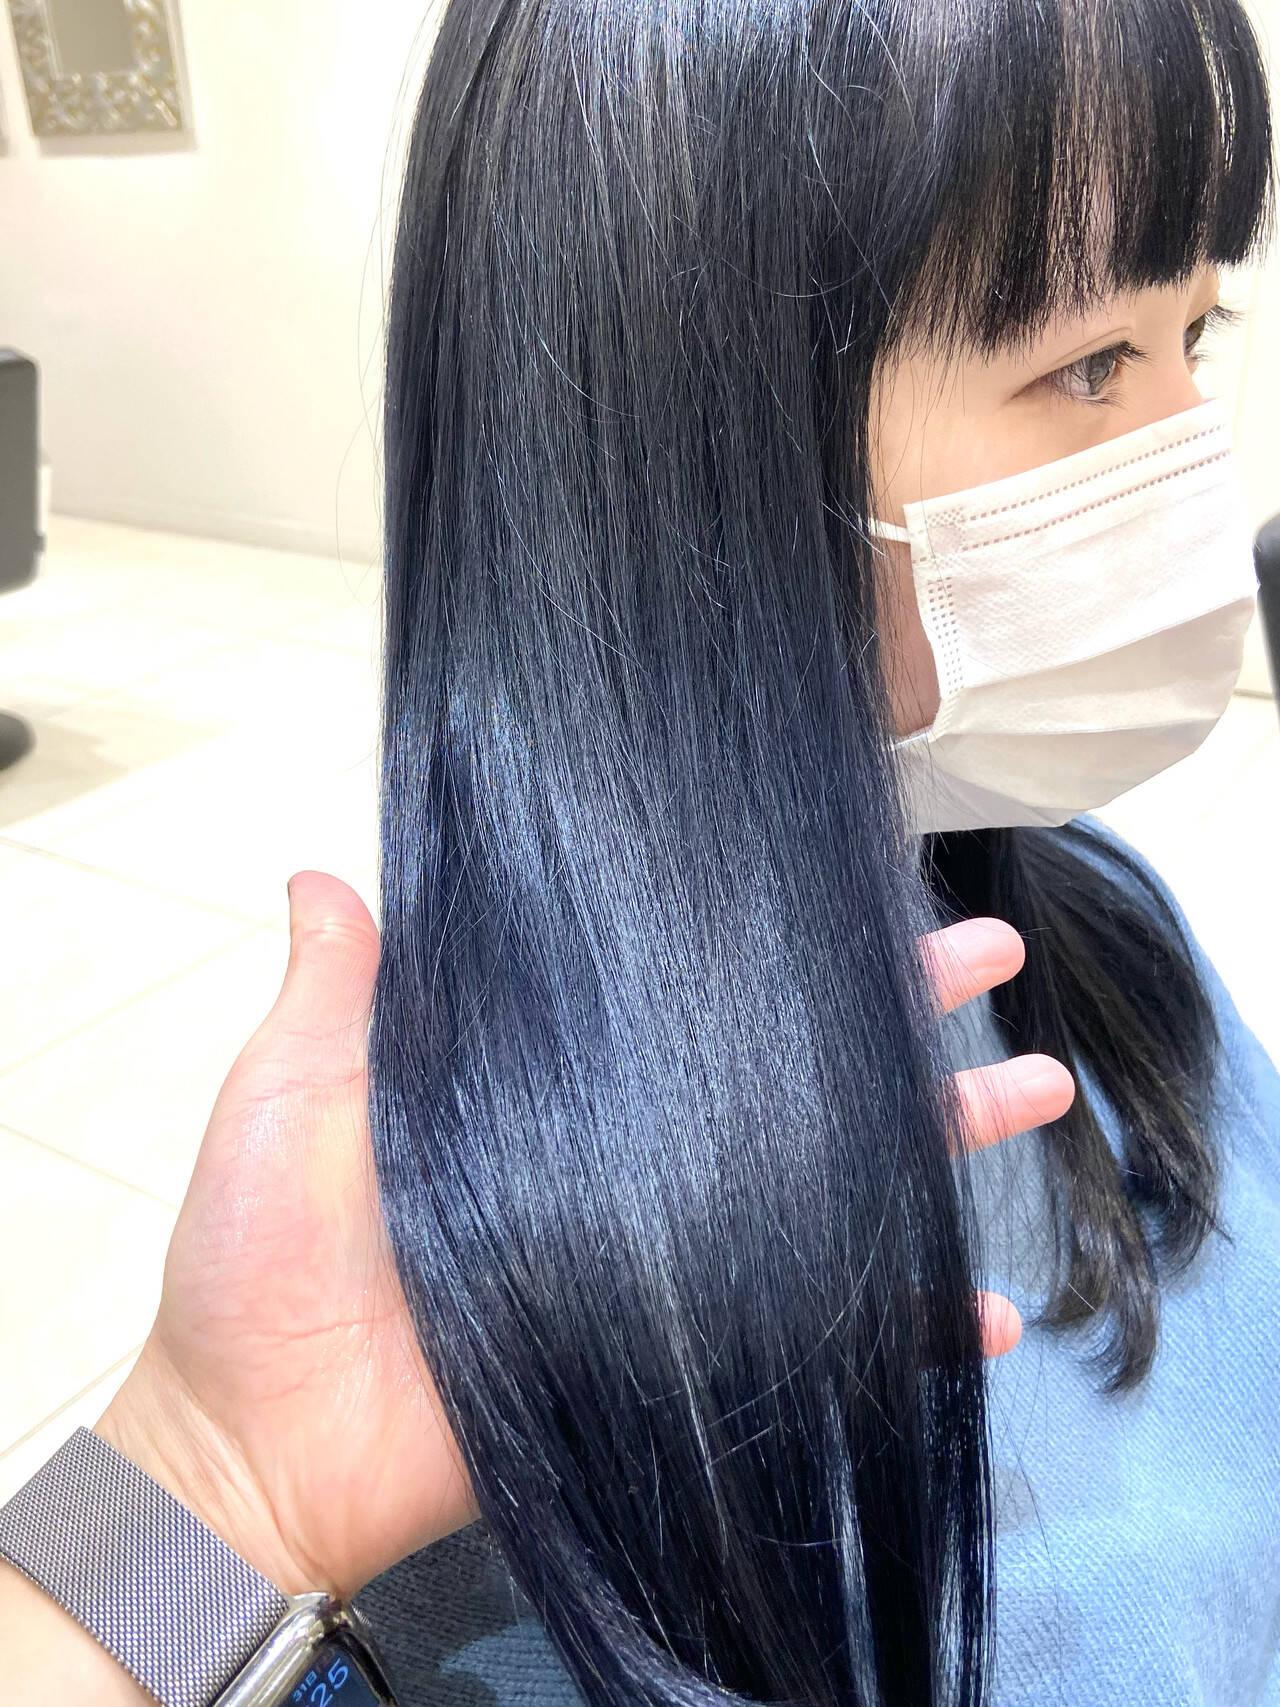 ネイビー ネイビーアッシュ ミディアム ハイトーンカラーヘアスタイルや髪型の写真・画像